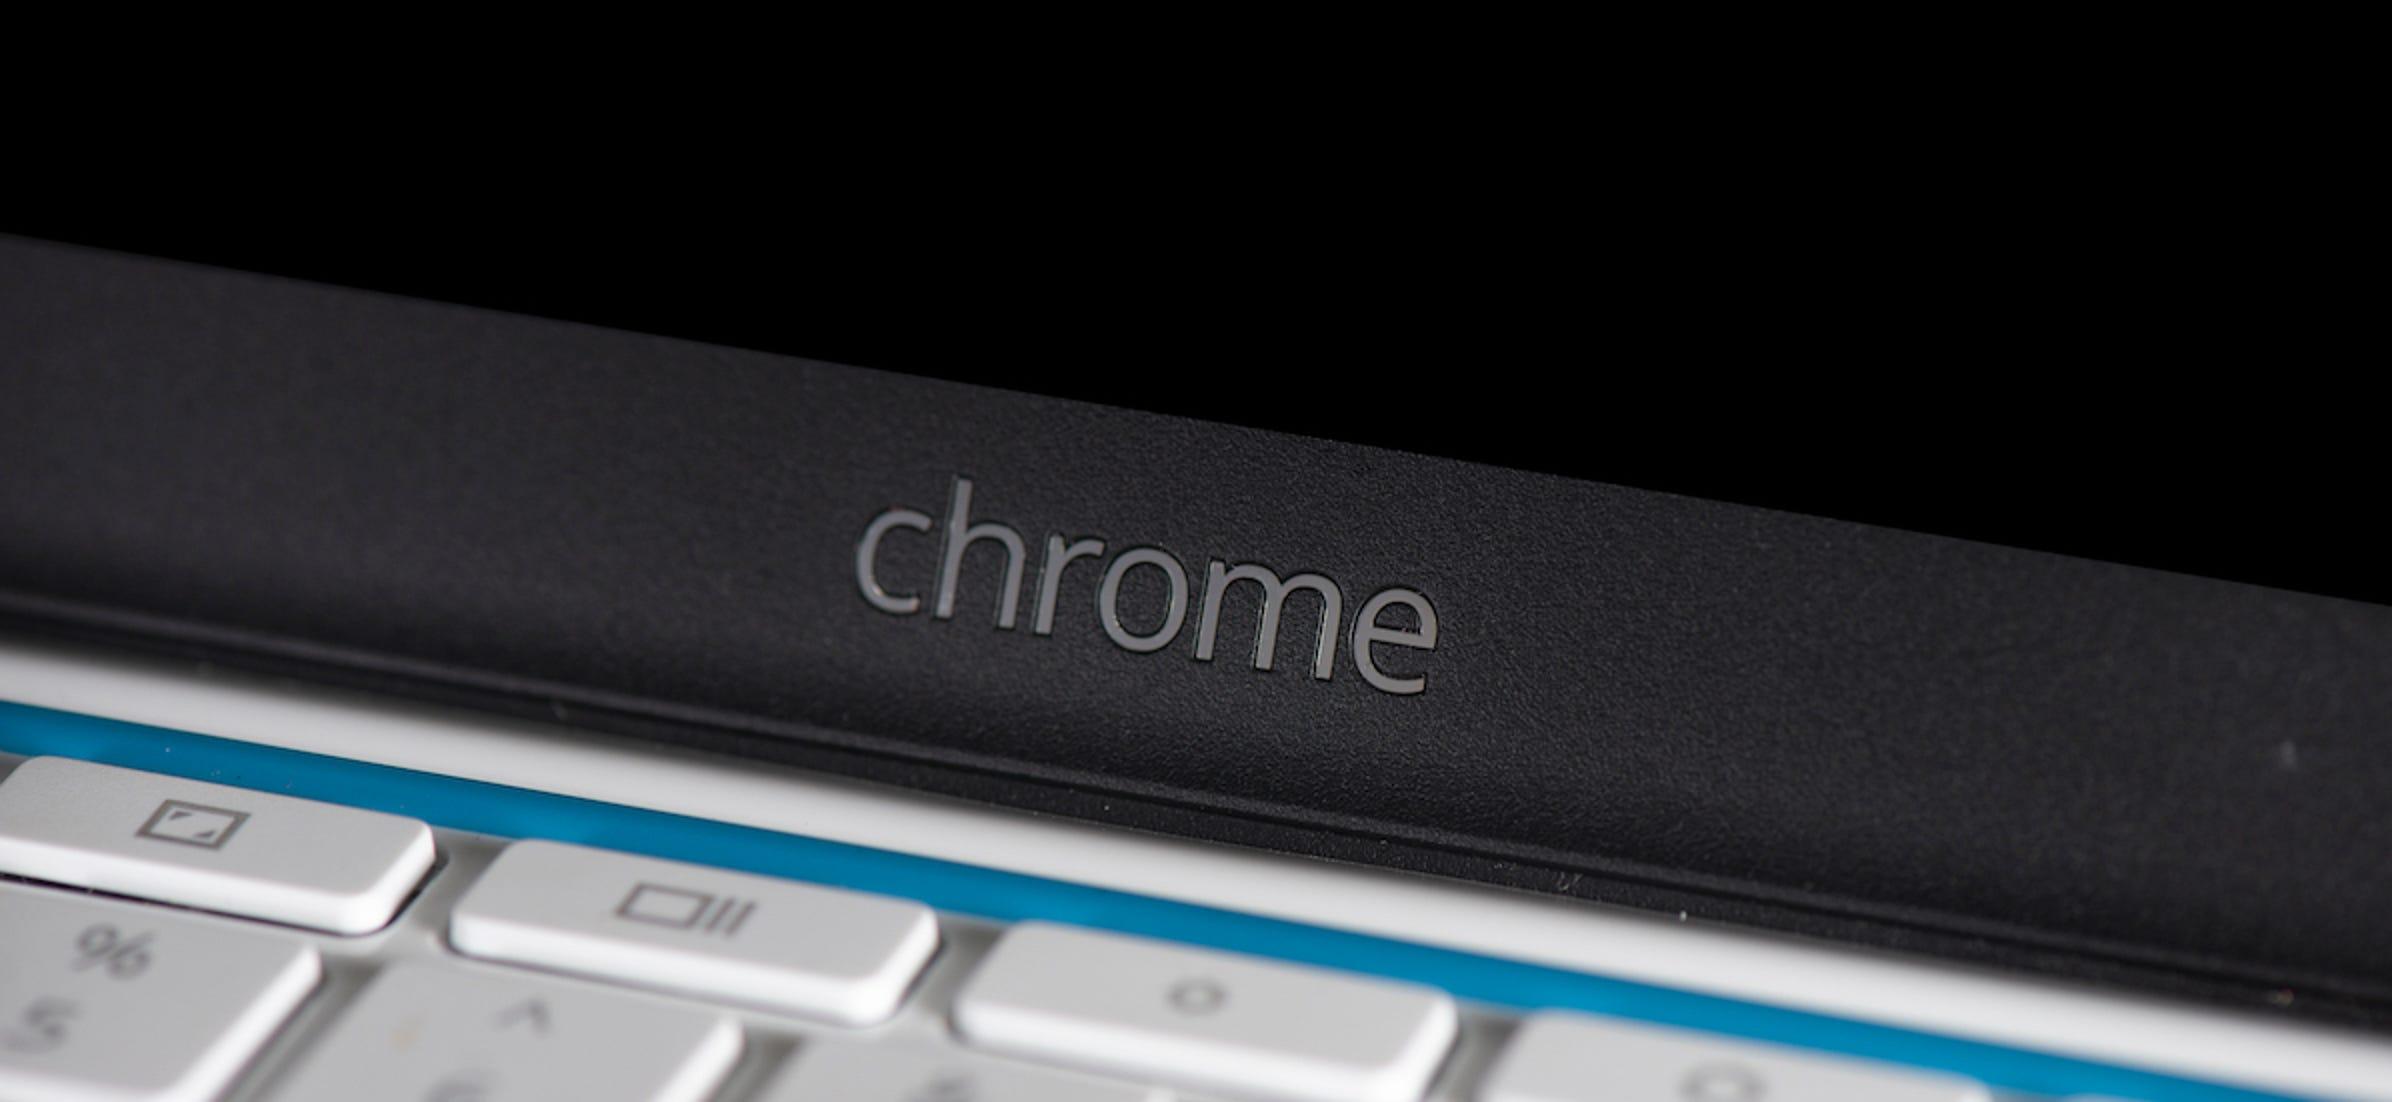 Cómo usar No molestar en Chromebook para silenciar las notificaciones